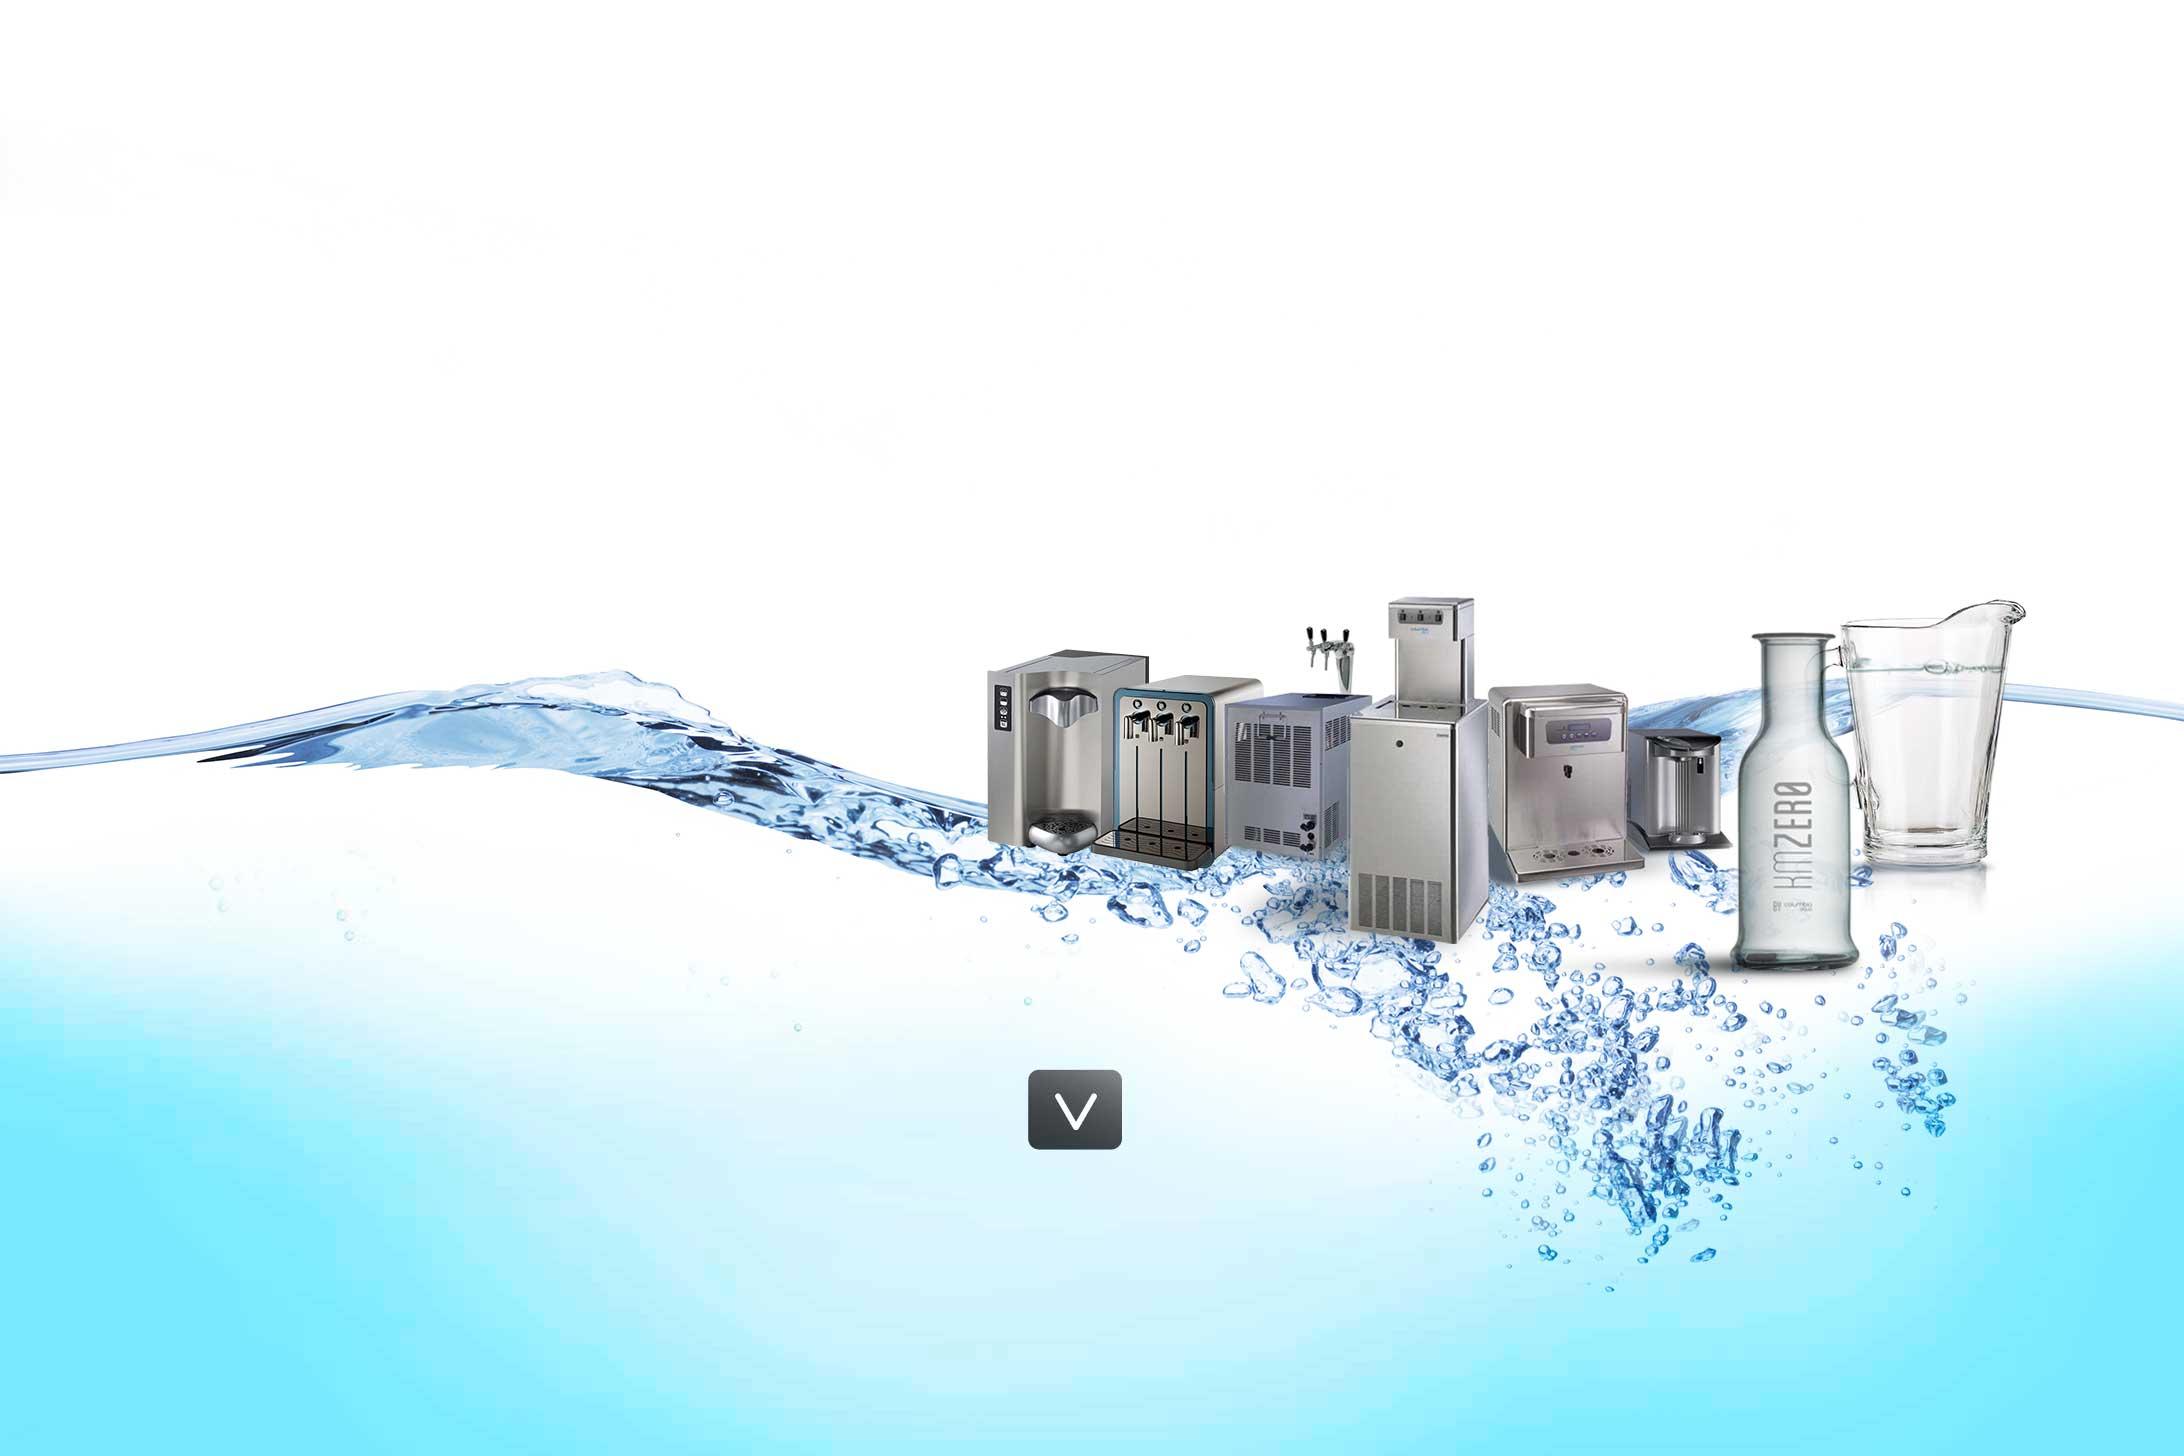 agua-recien-filtrada-restaurantes